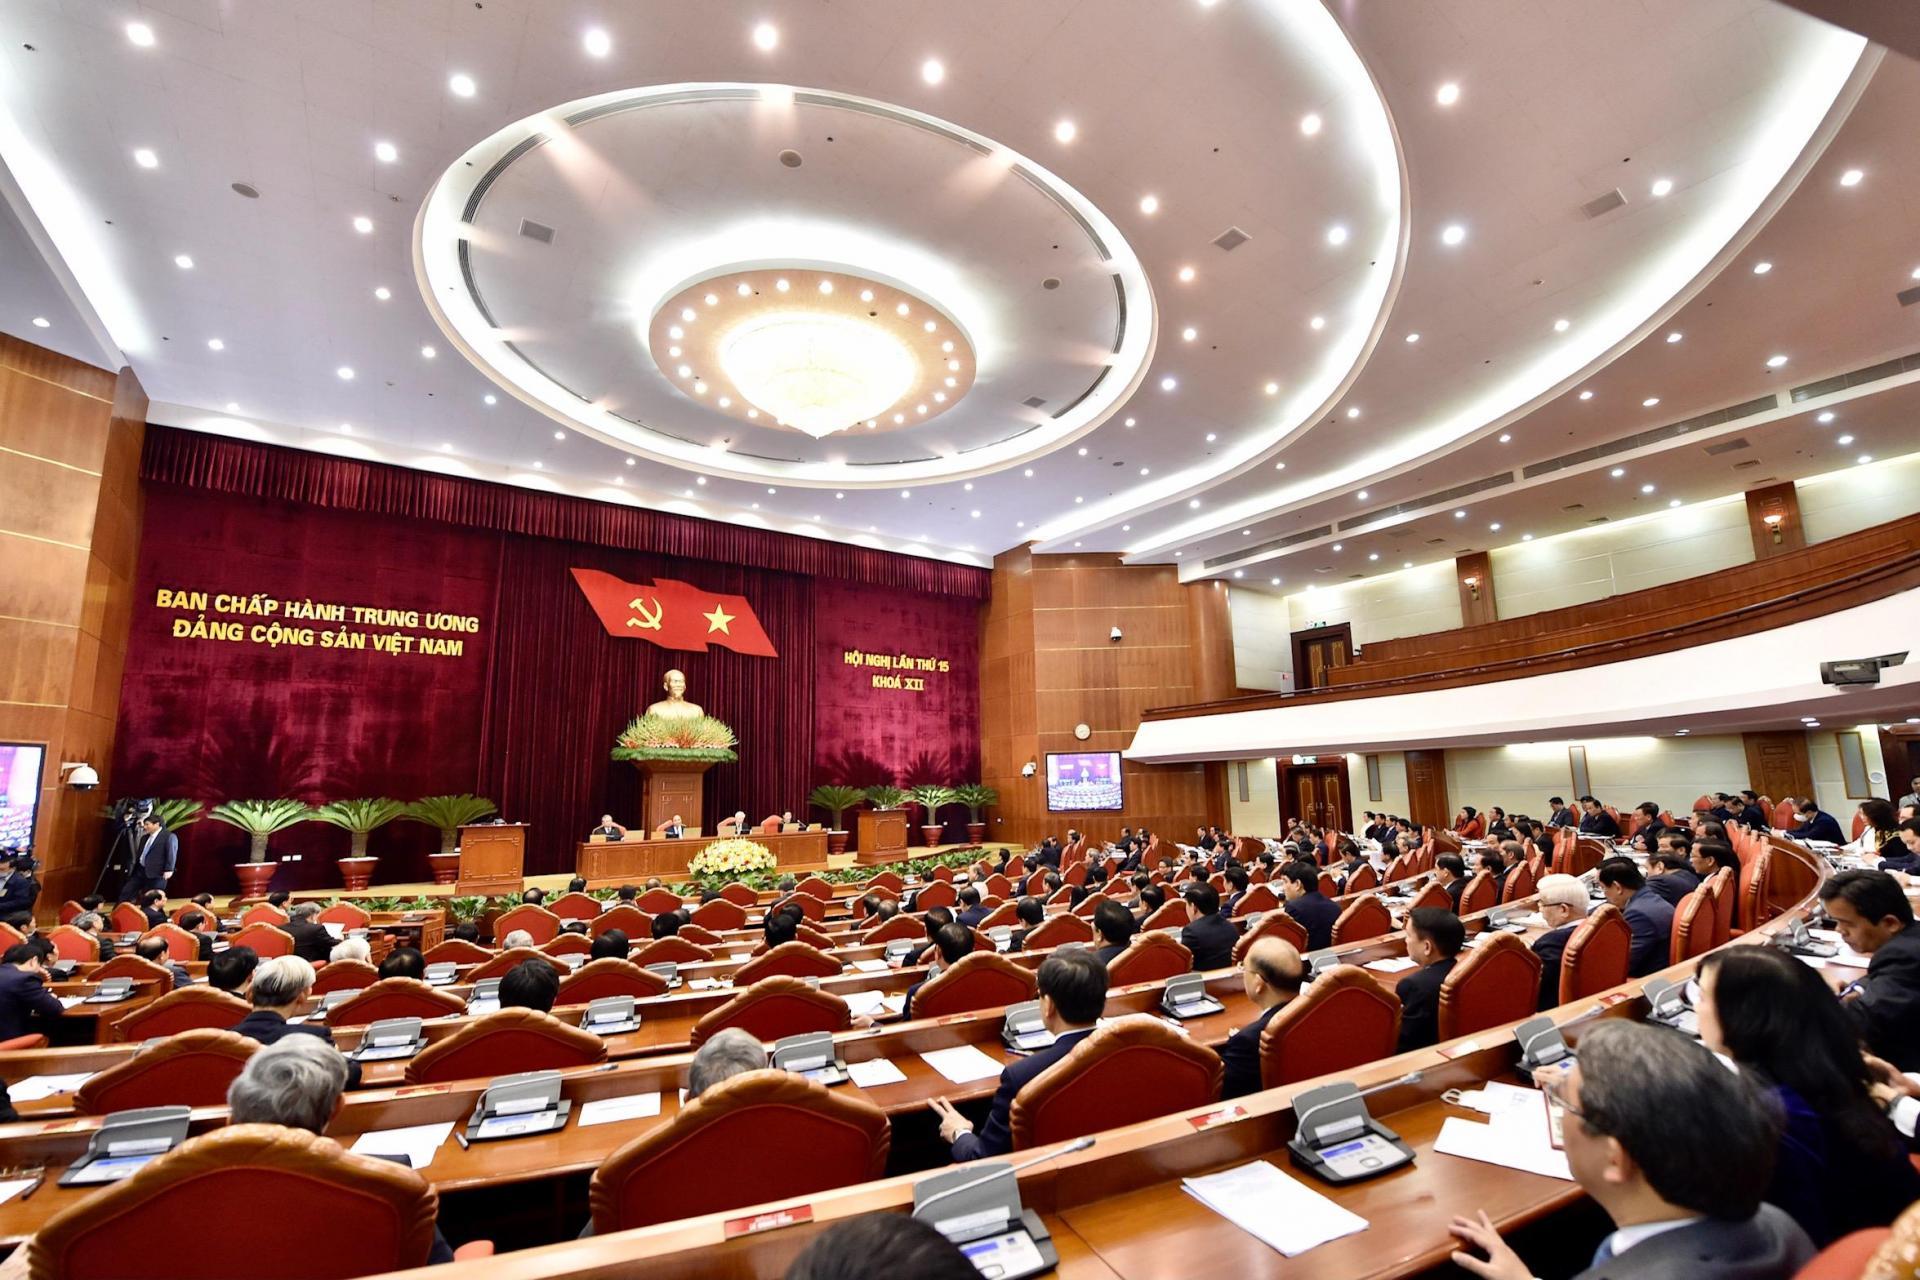 Quang cảnh phiên khai mạc Hội nghị Trung ương 15. Ảnh: VGP